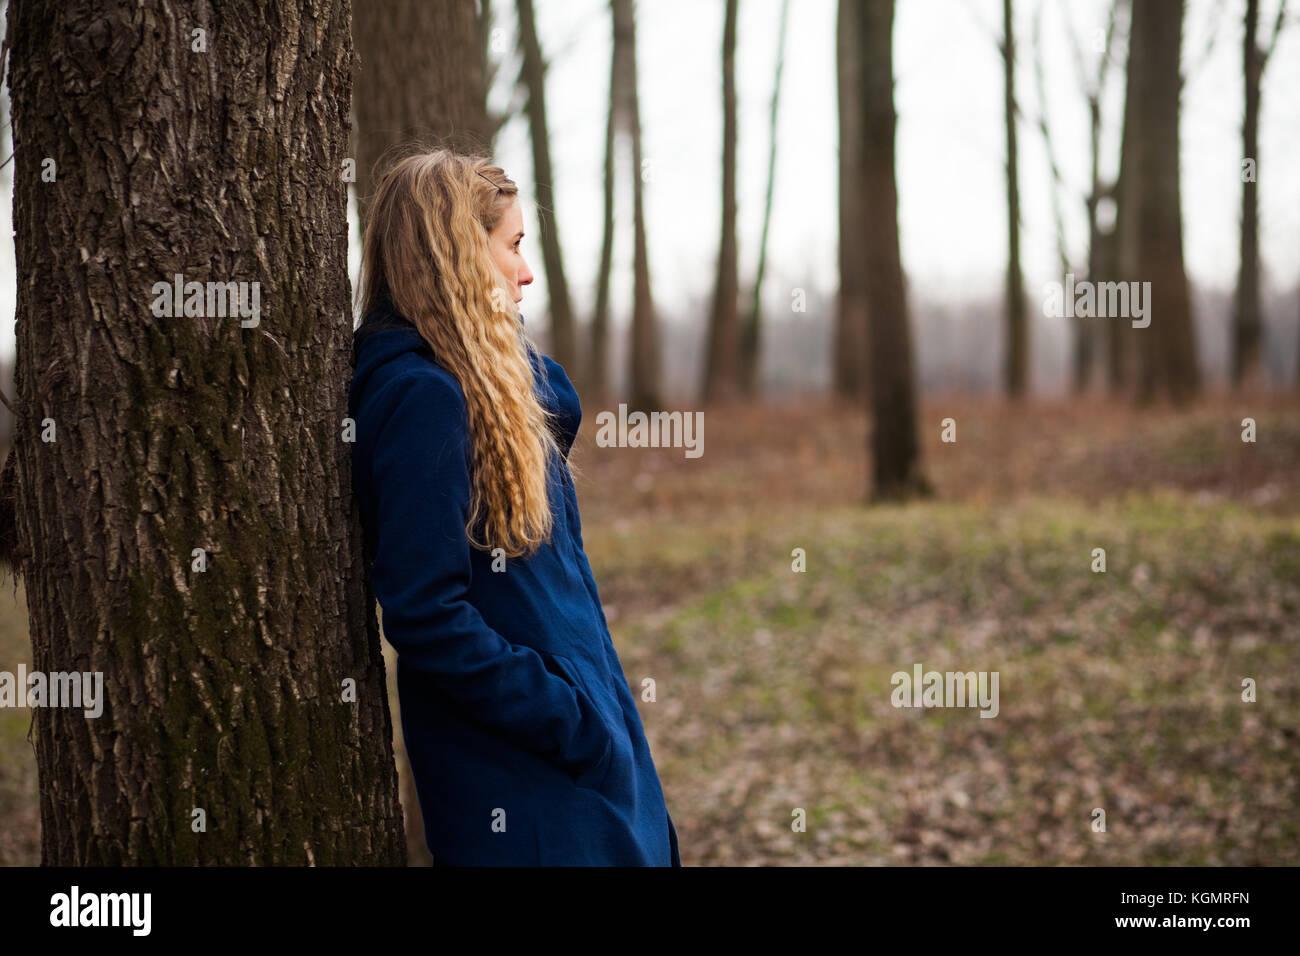 Lonely woman standing nella foresta in inverno Immagini Stock